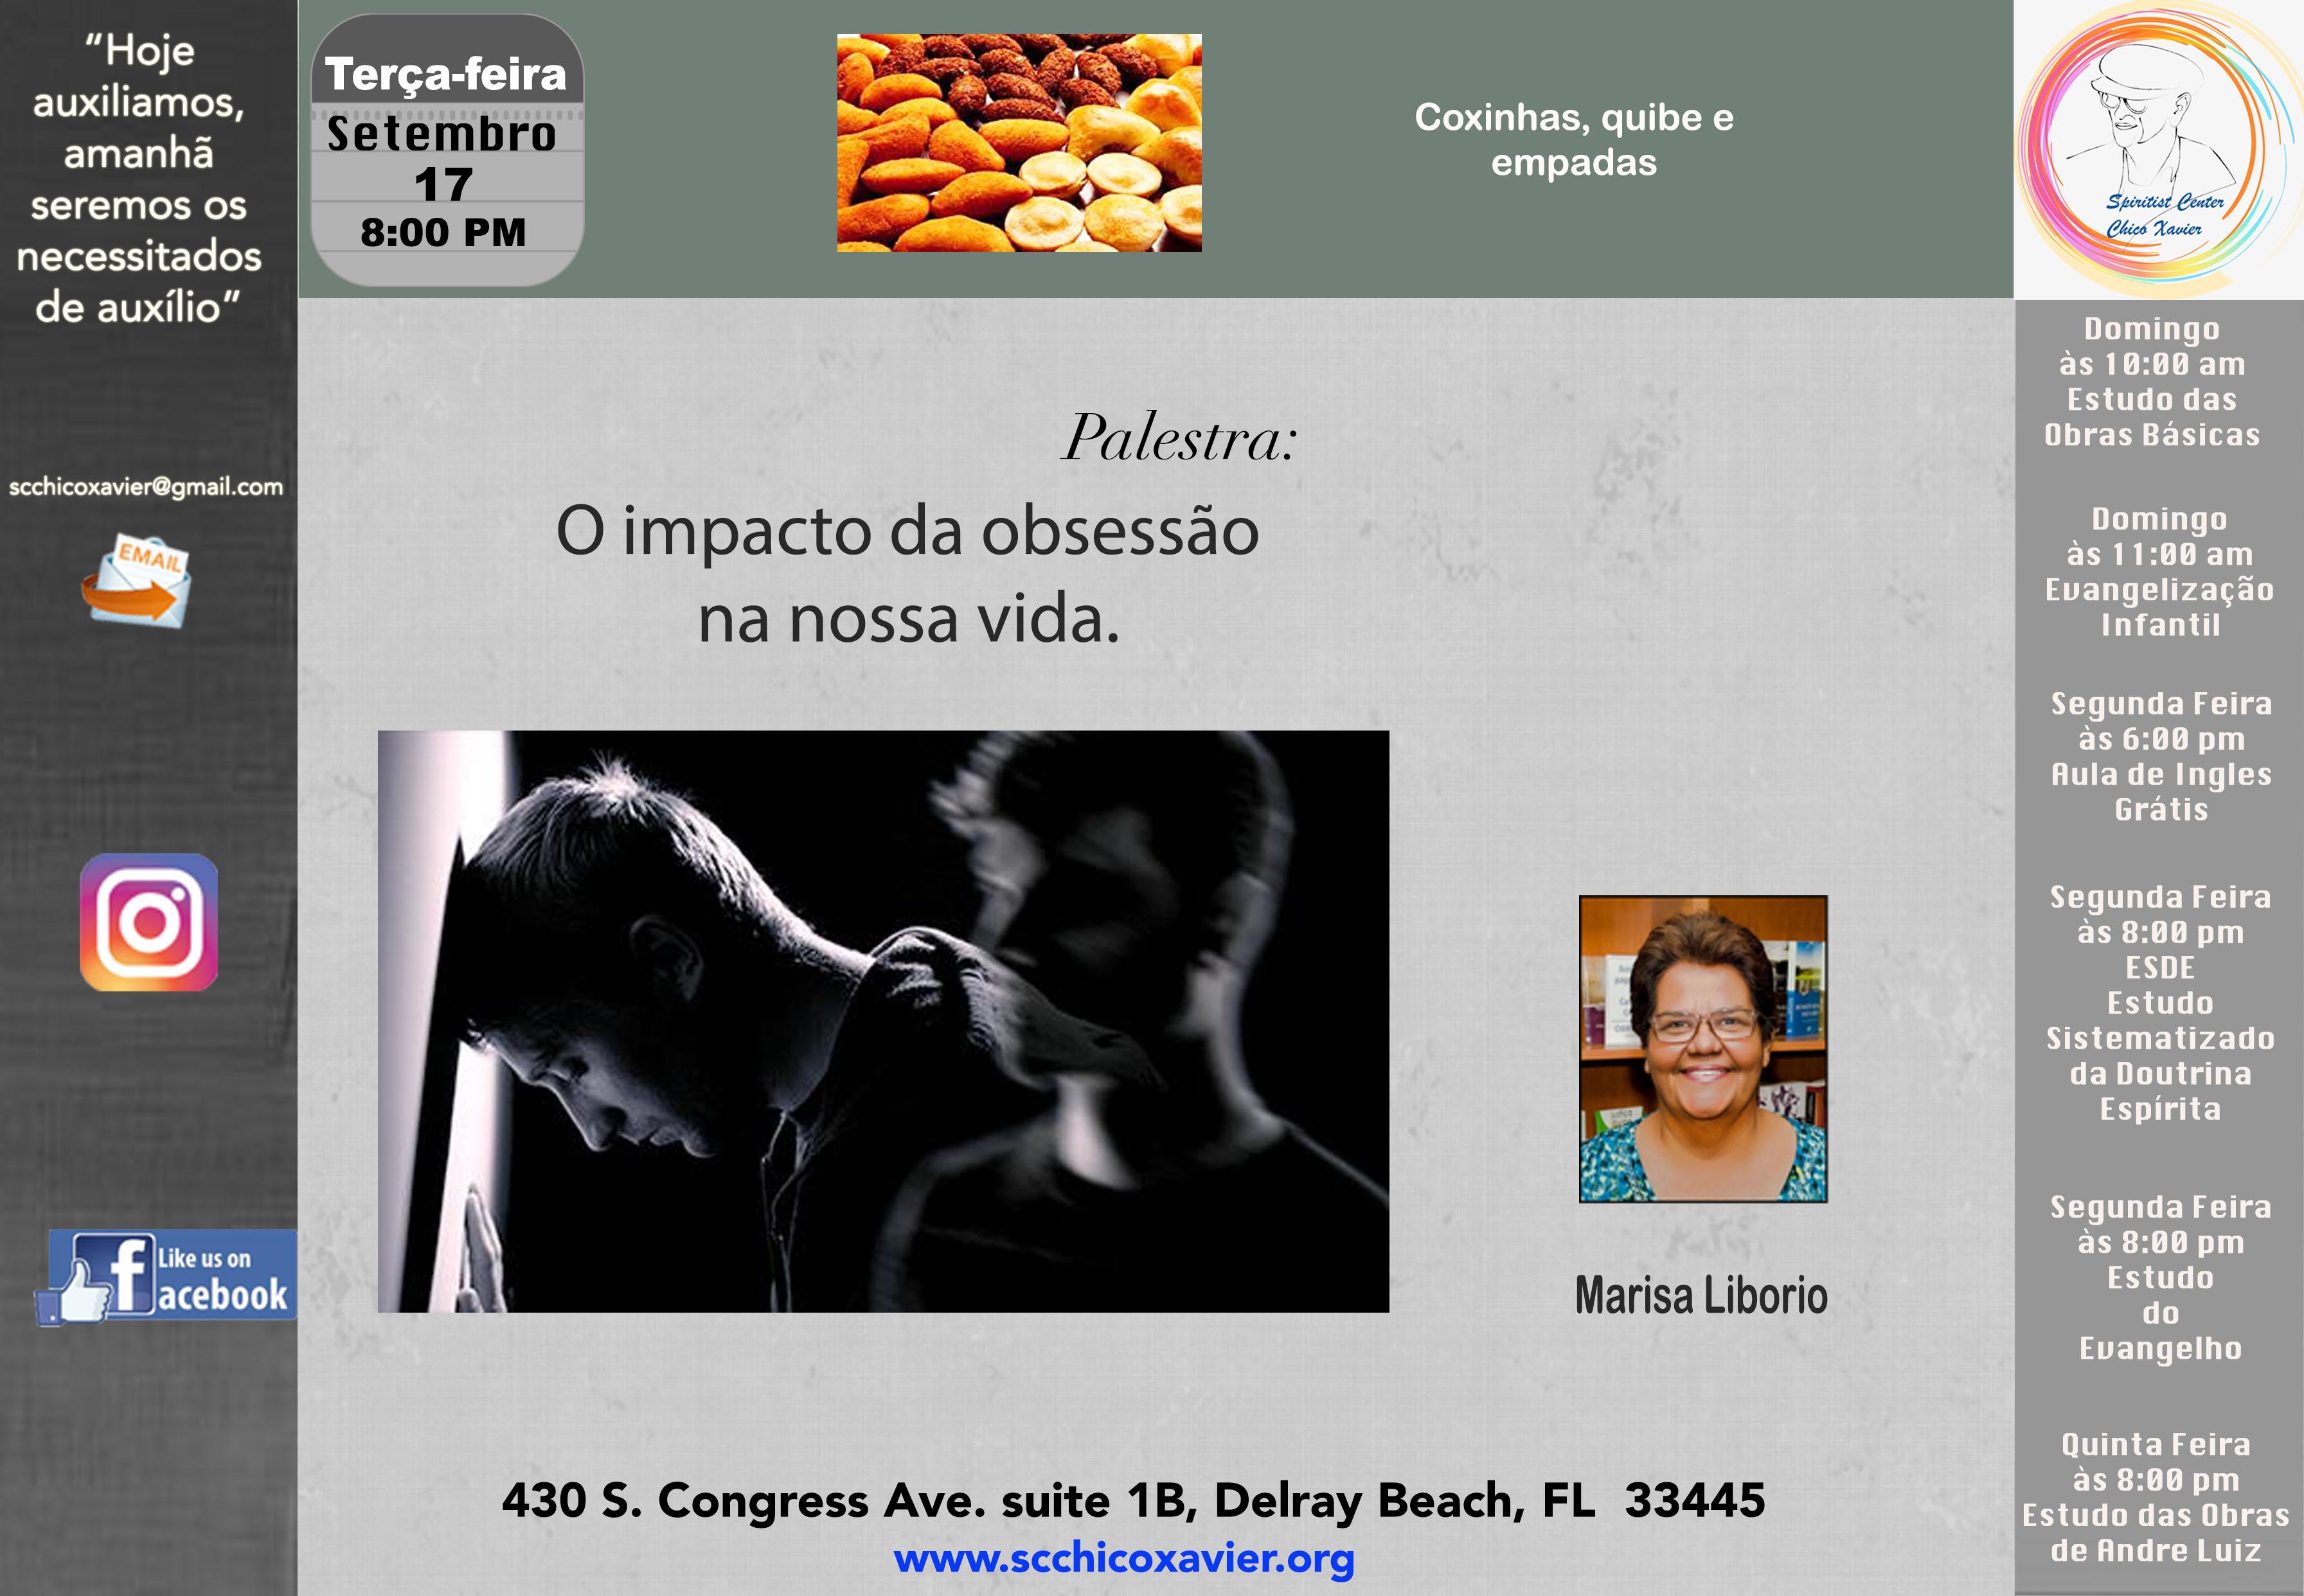 Marisa Liborio - O impacto da obsessão na nossa vida